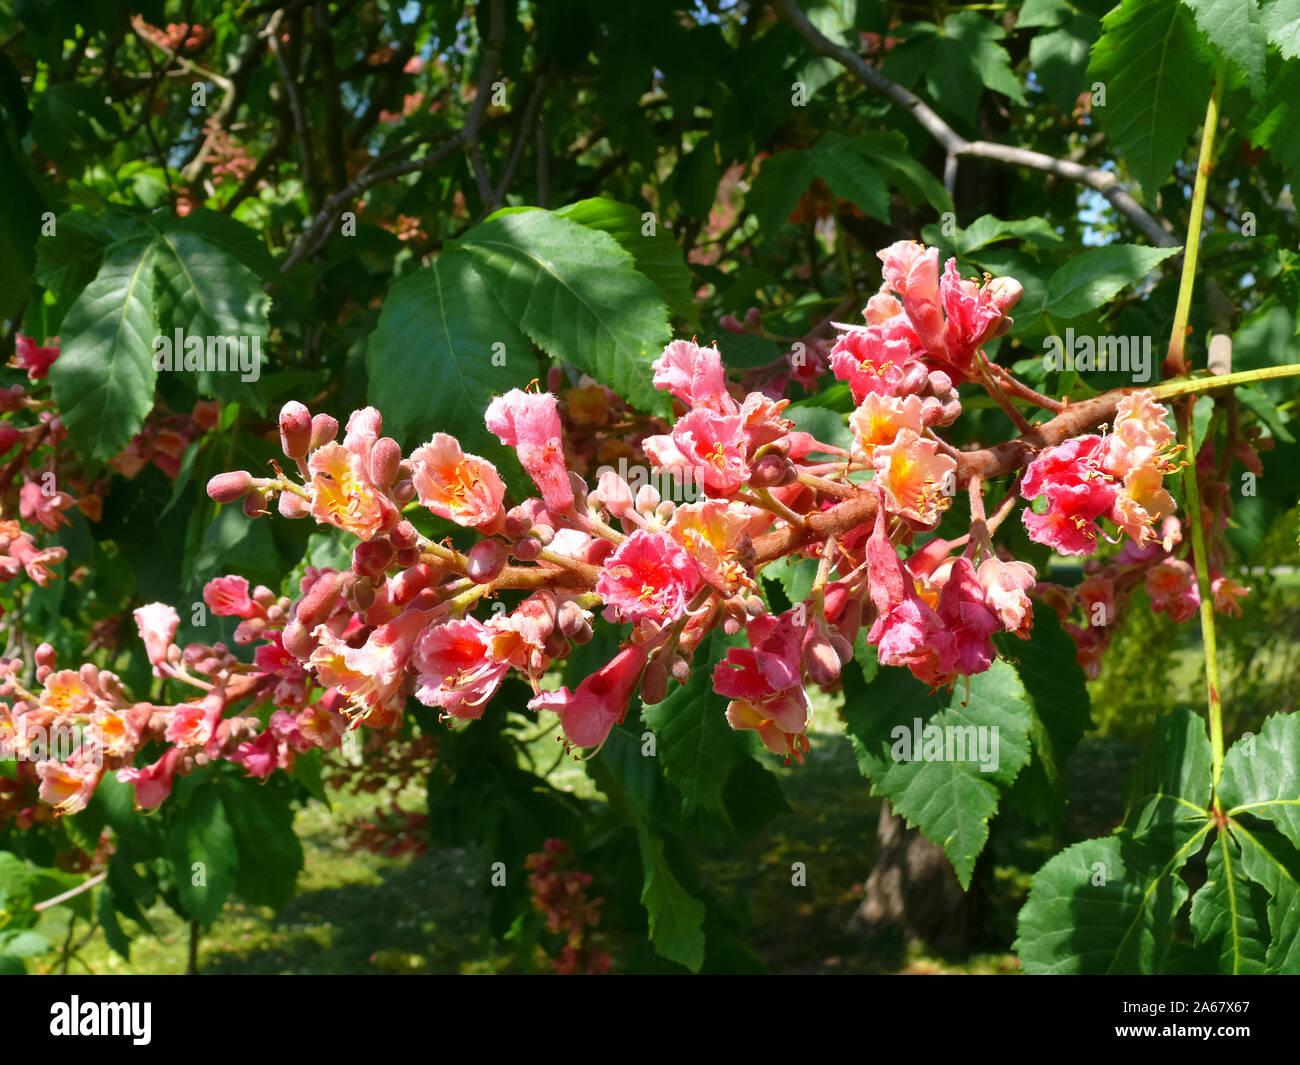 red horse-chestnut, Fleischrote Rosskastanie, Aesculus × carnea, húspiros virágú vadgesztenye Stock Photo